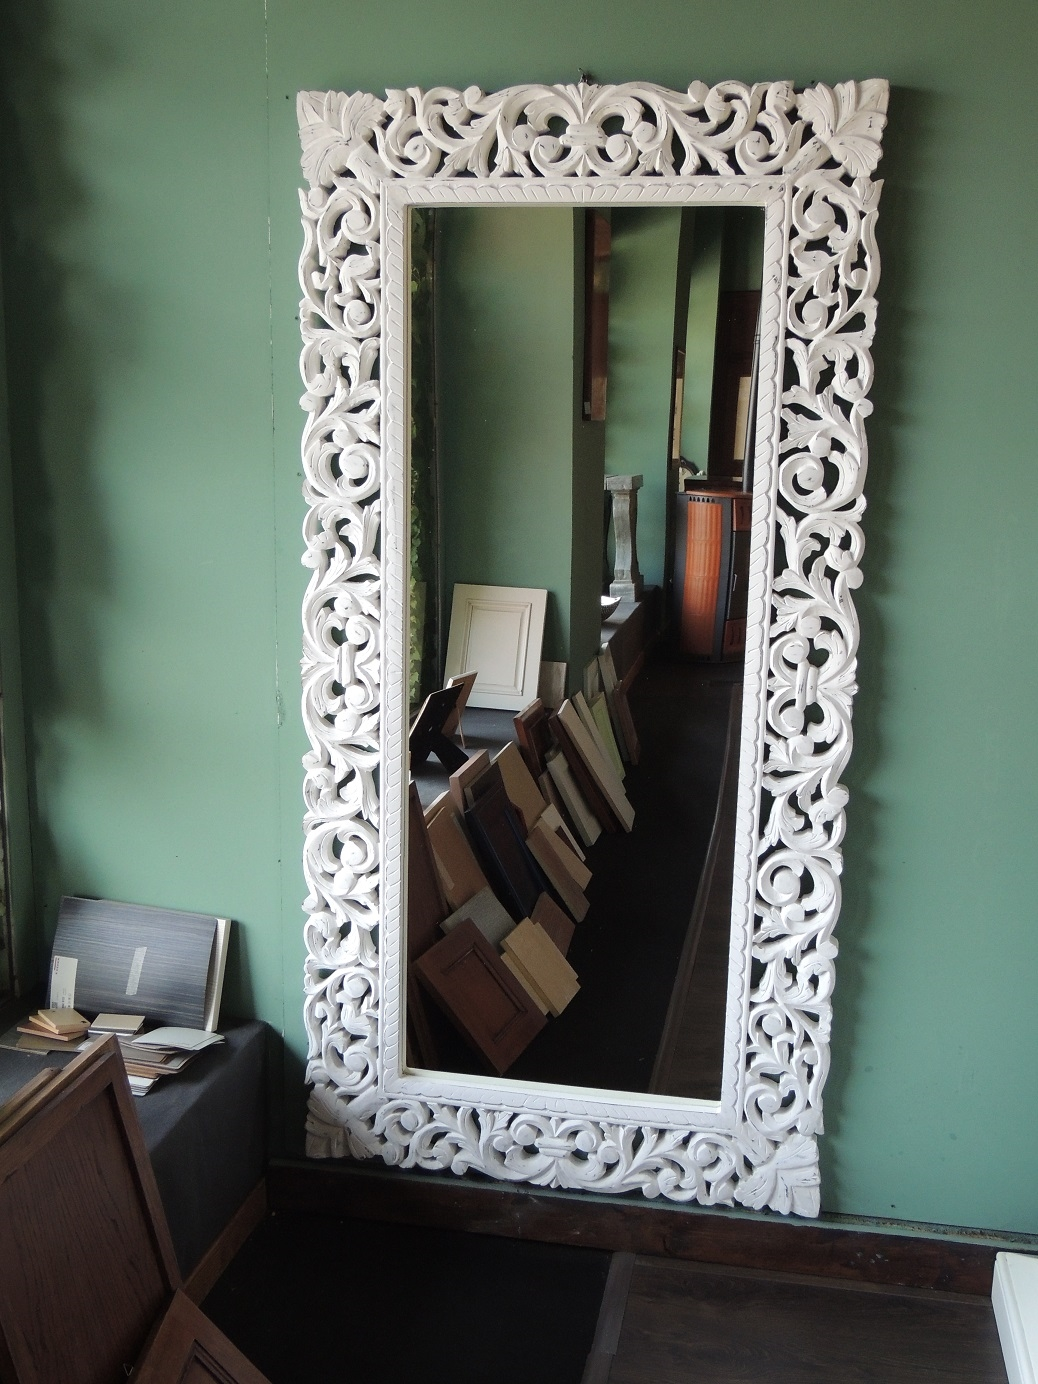 Specchio da parete con cornice in legno decapata bianca - Parete colorata camera da letto ...